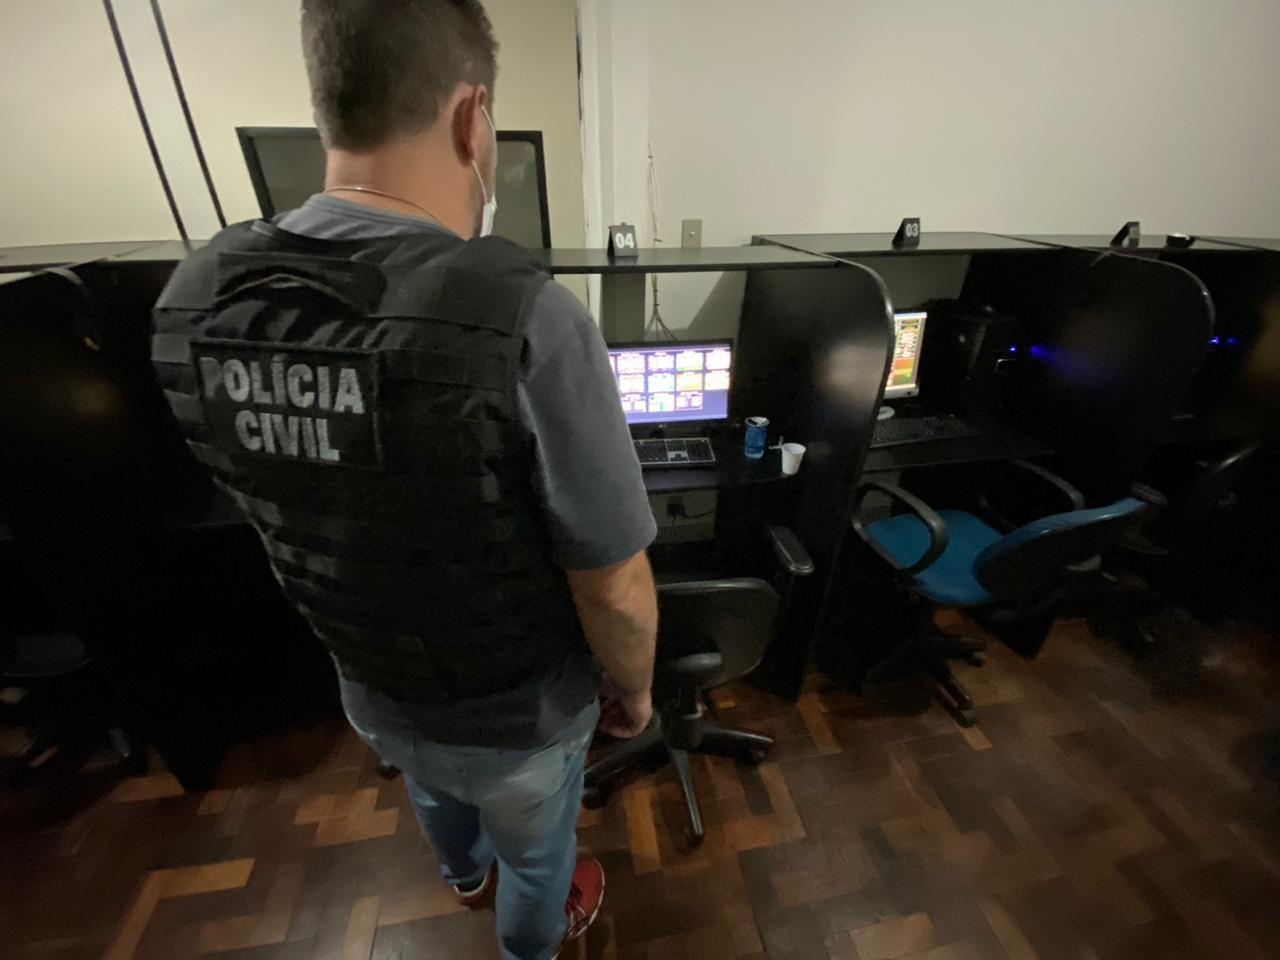 Bingo clandestino é fechado, e polícia apreende nove máquinas caça-níqueis, em Ponta Grossa